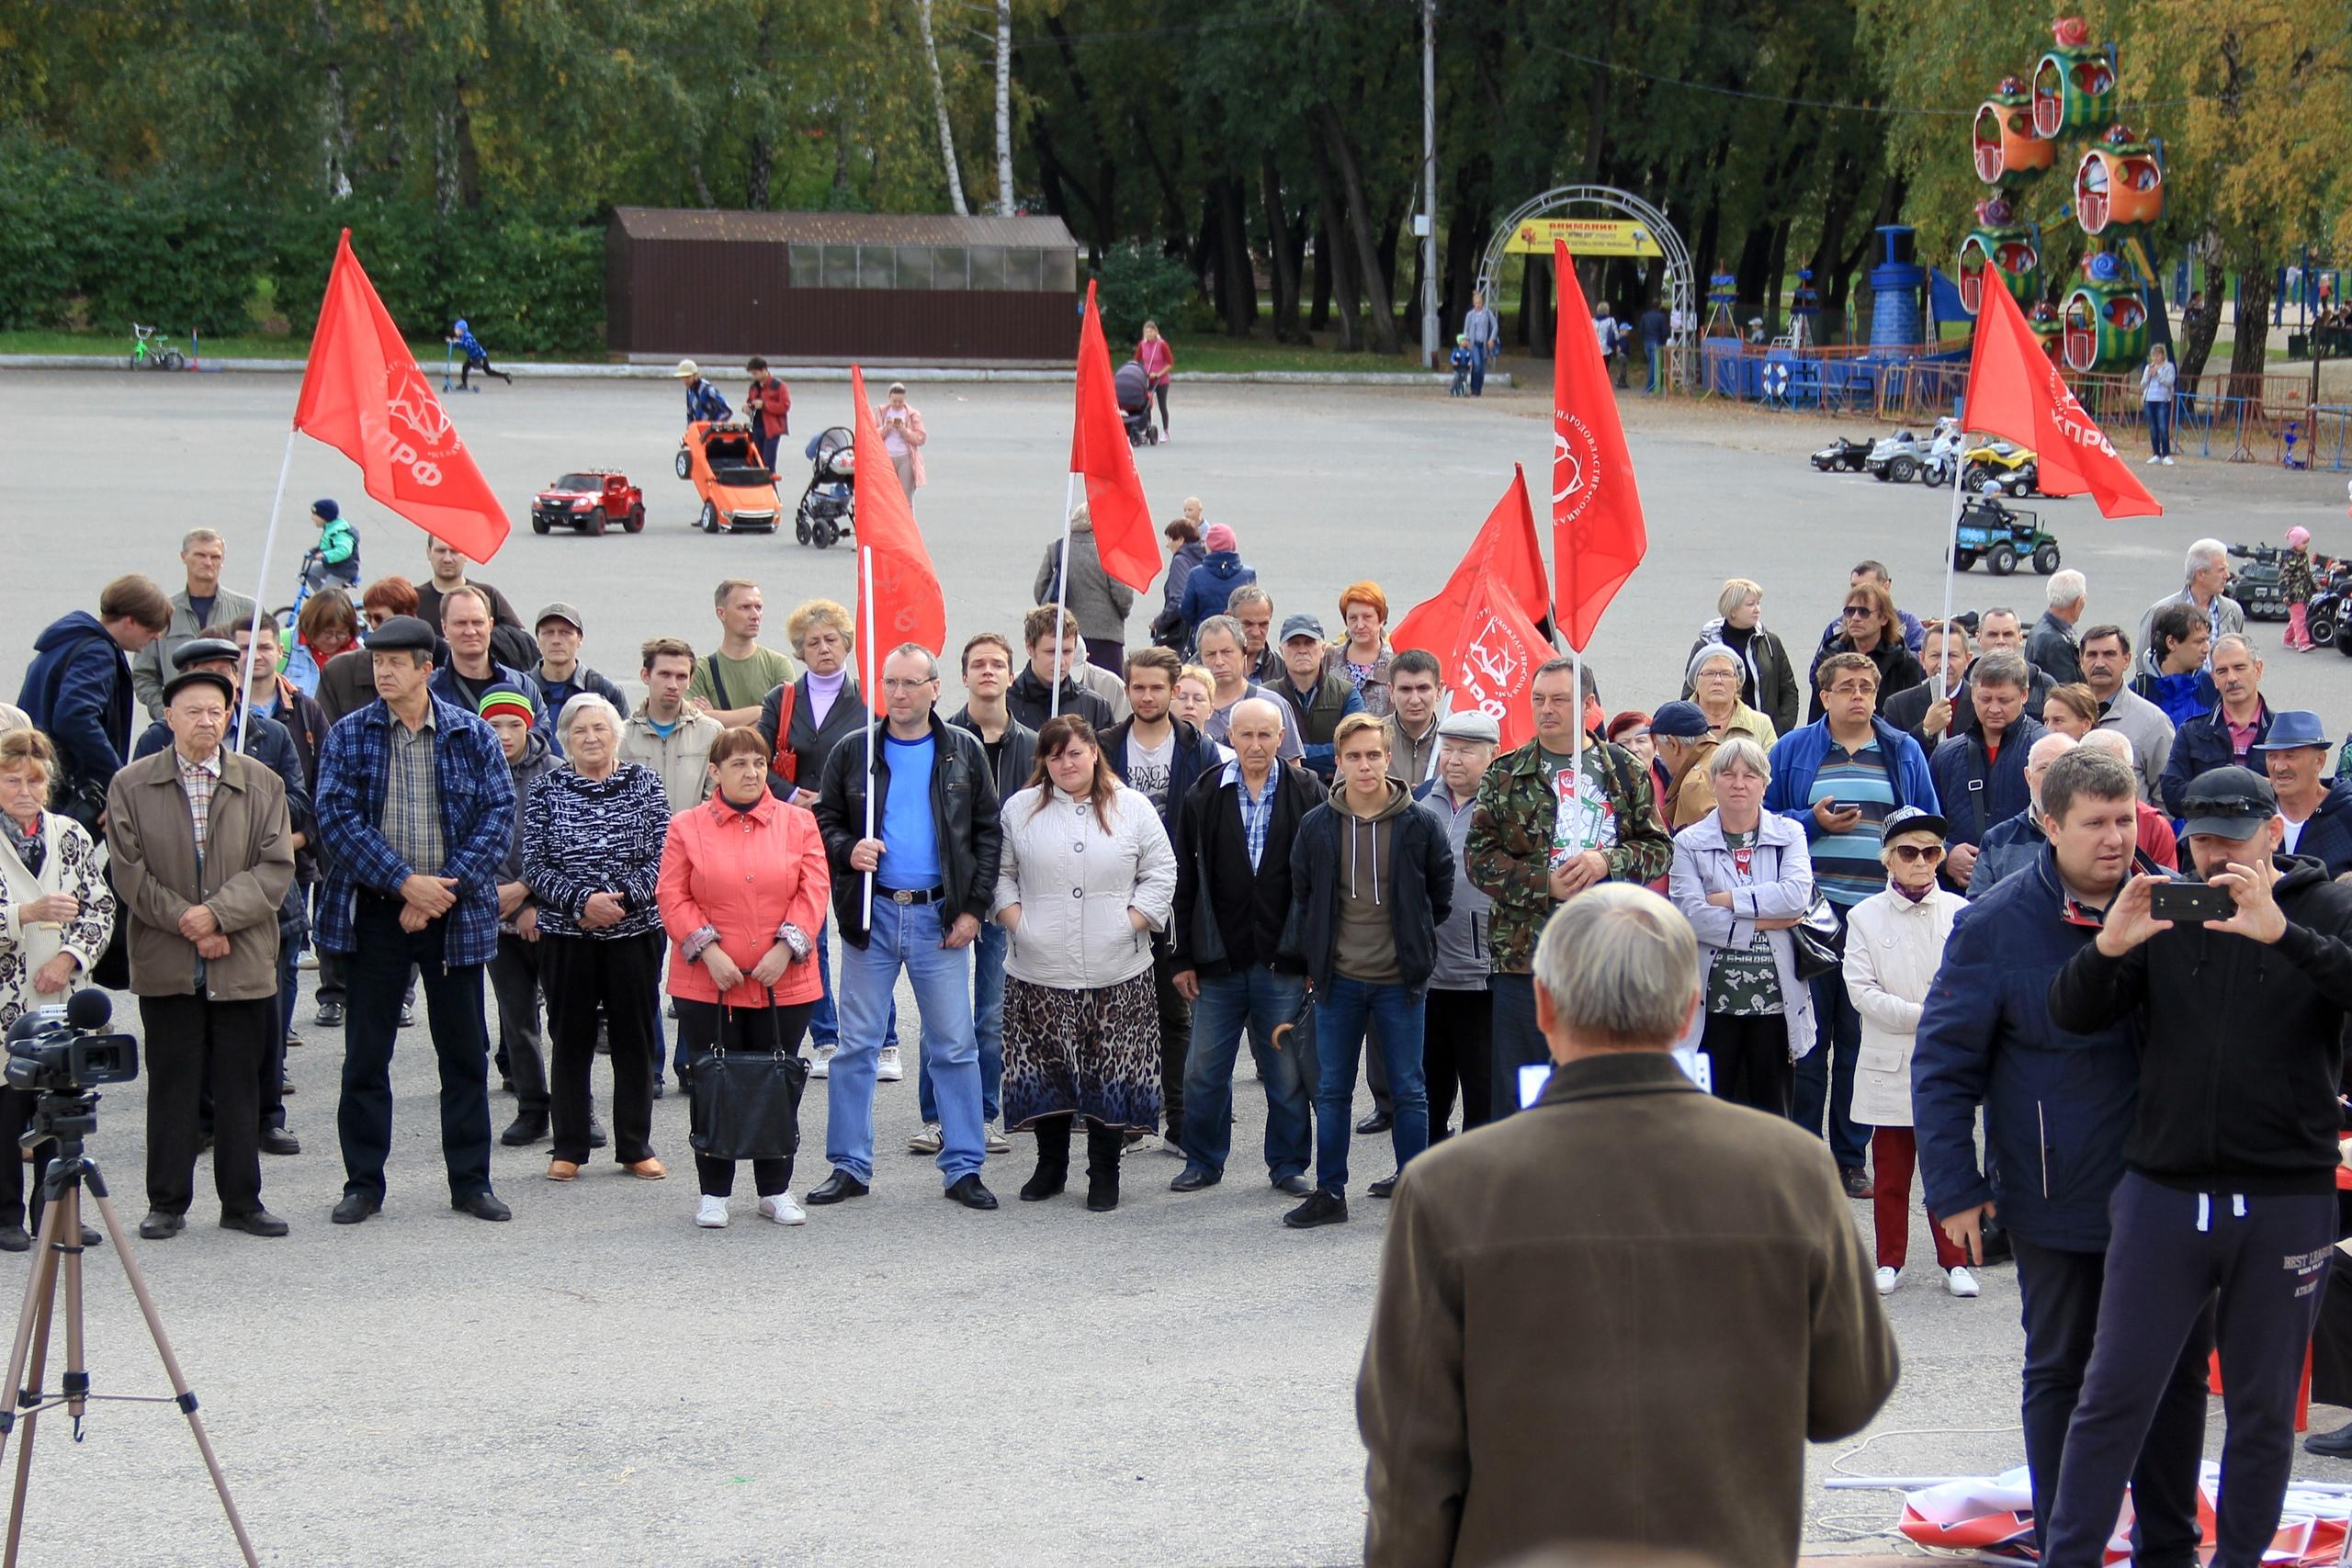 В Томске на митинг против пенсионной реформы пришло крайне малое количество участников